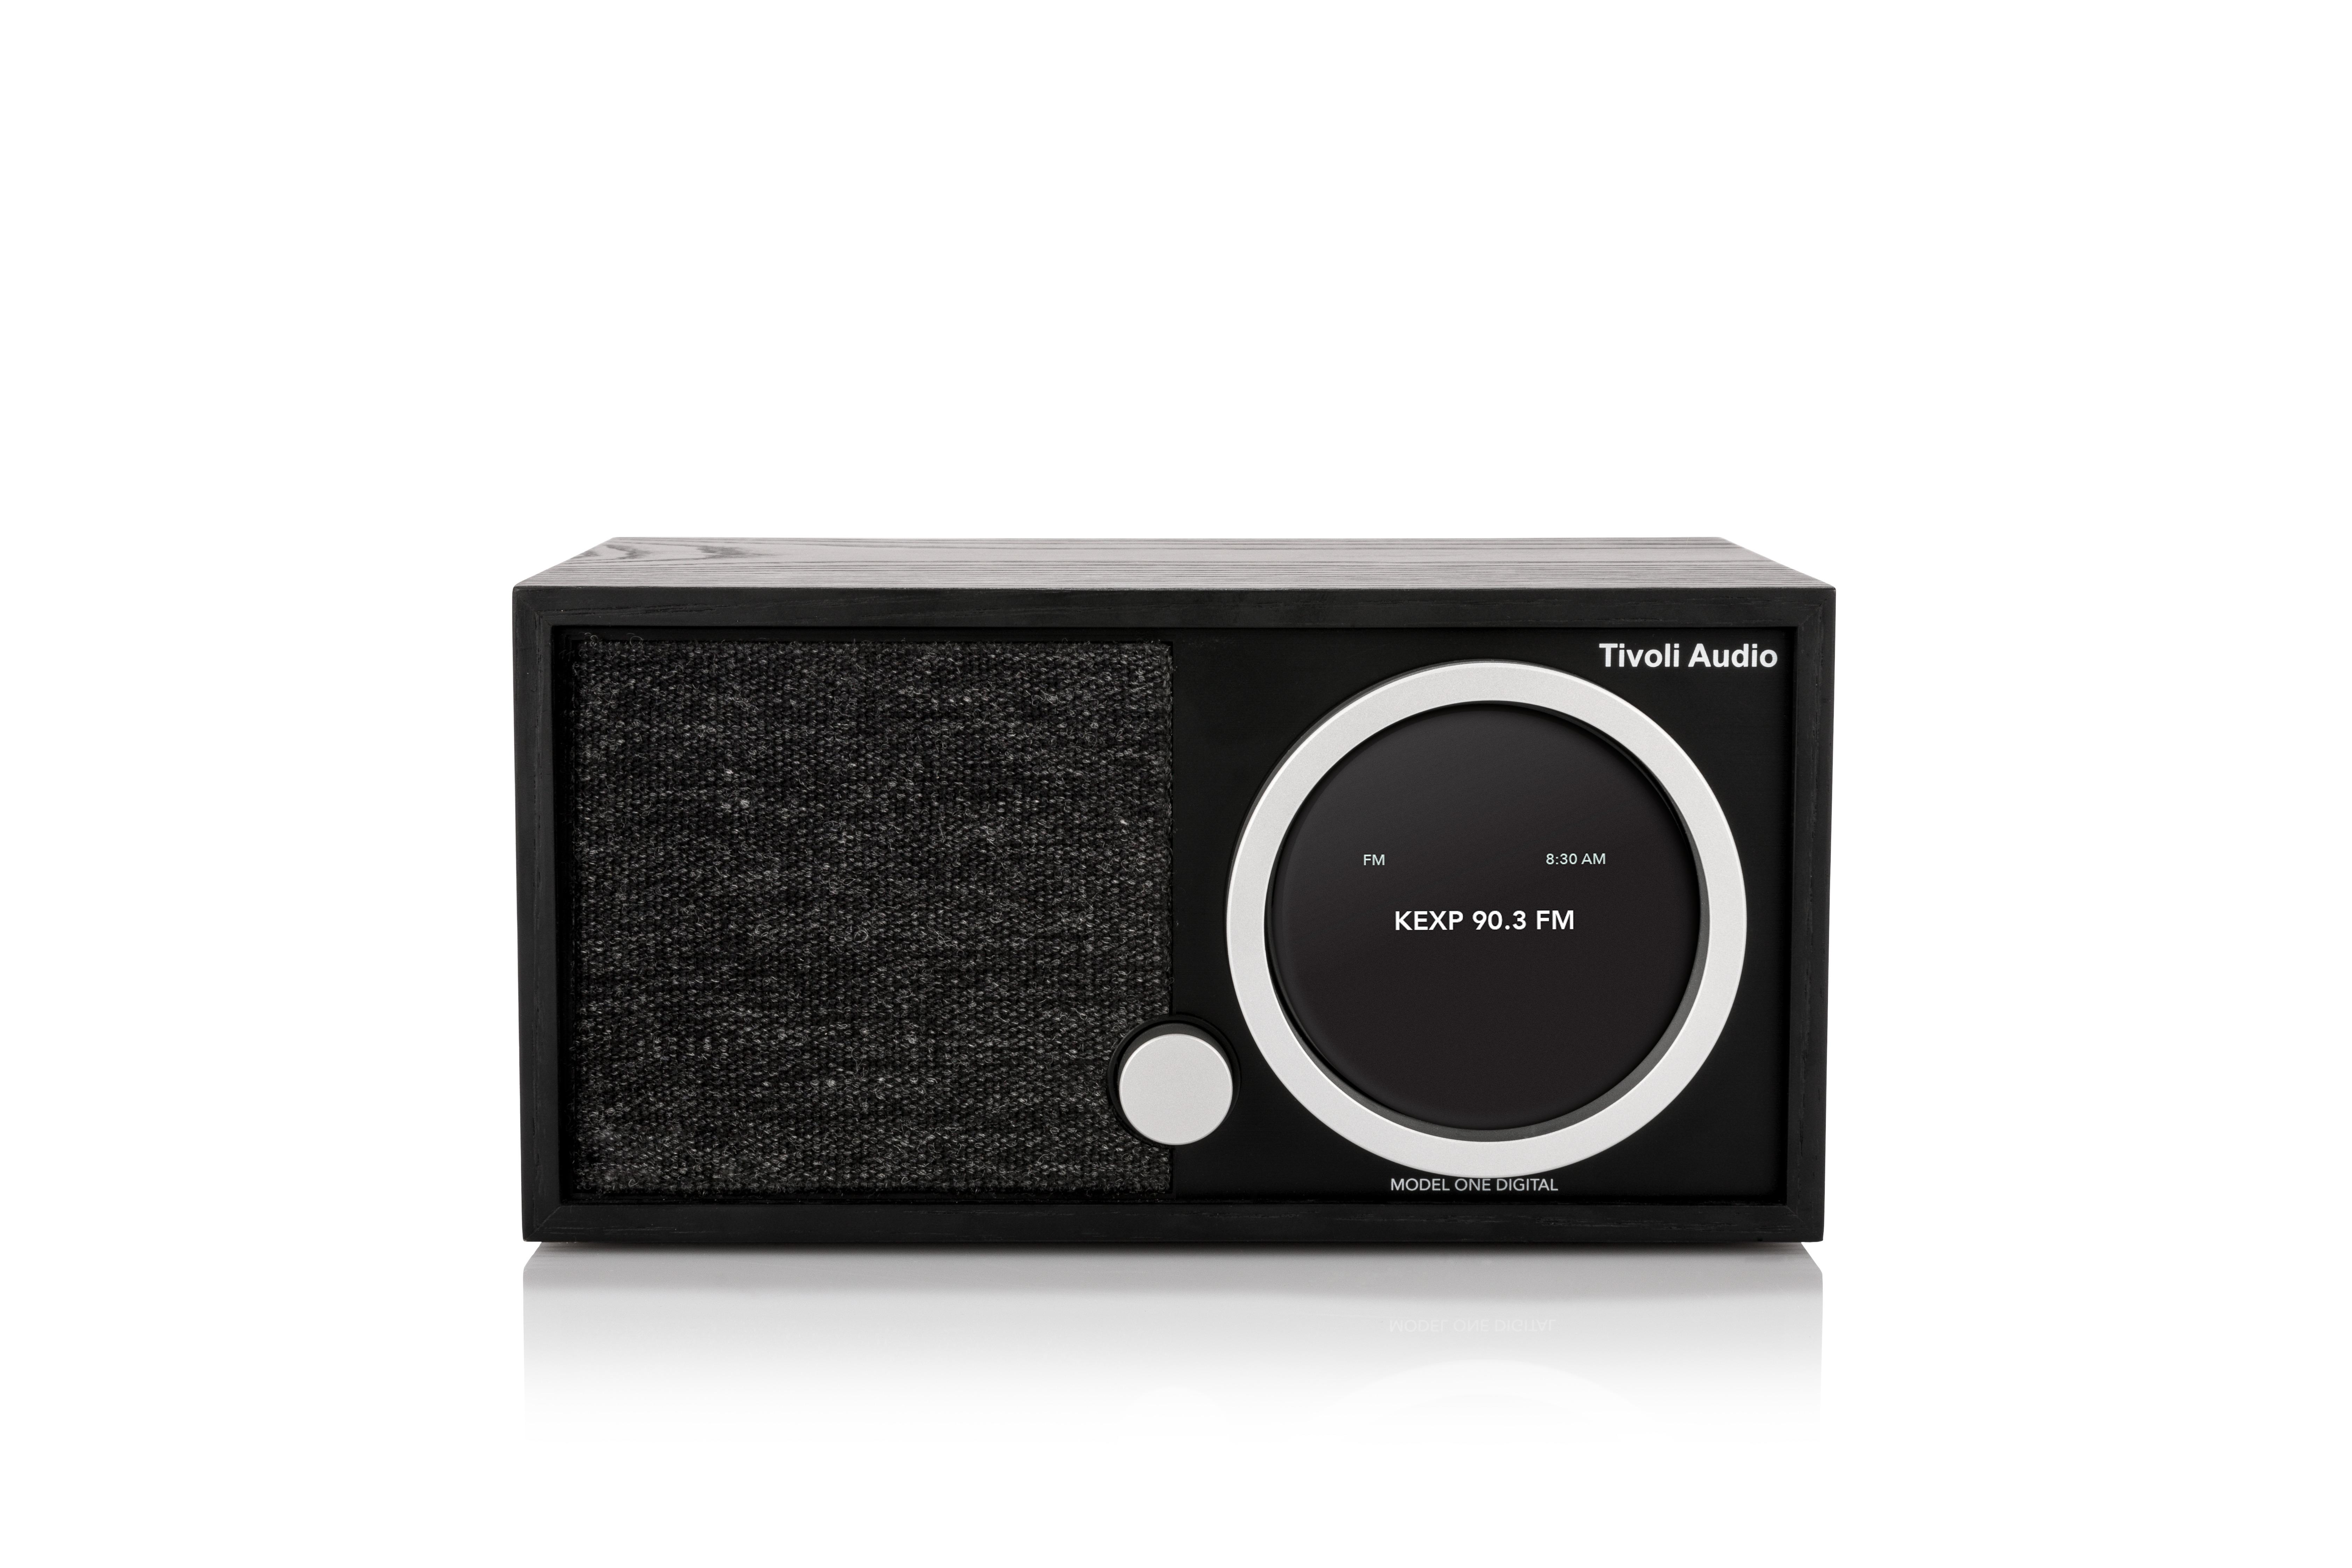 Foto van Tivoli MODEL ONE DIGITAL DAB radio